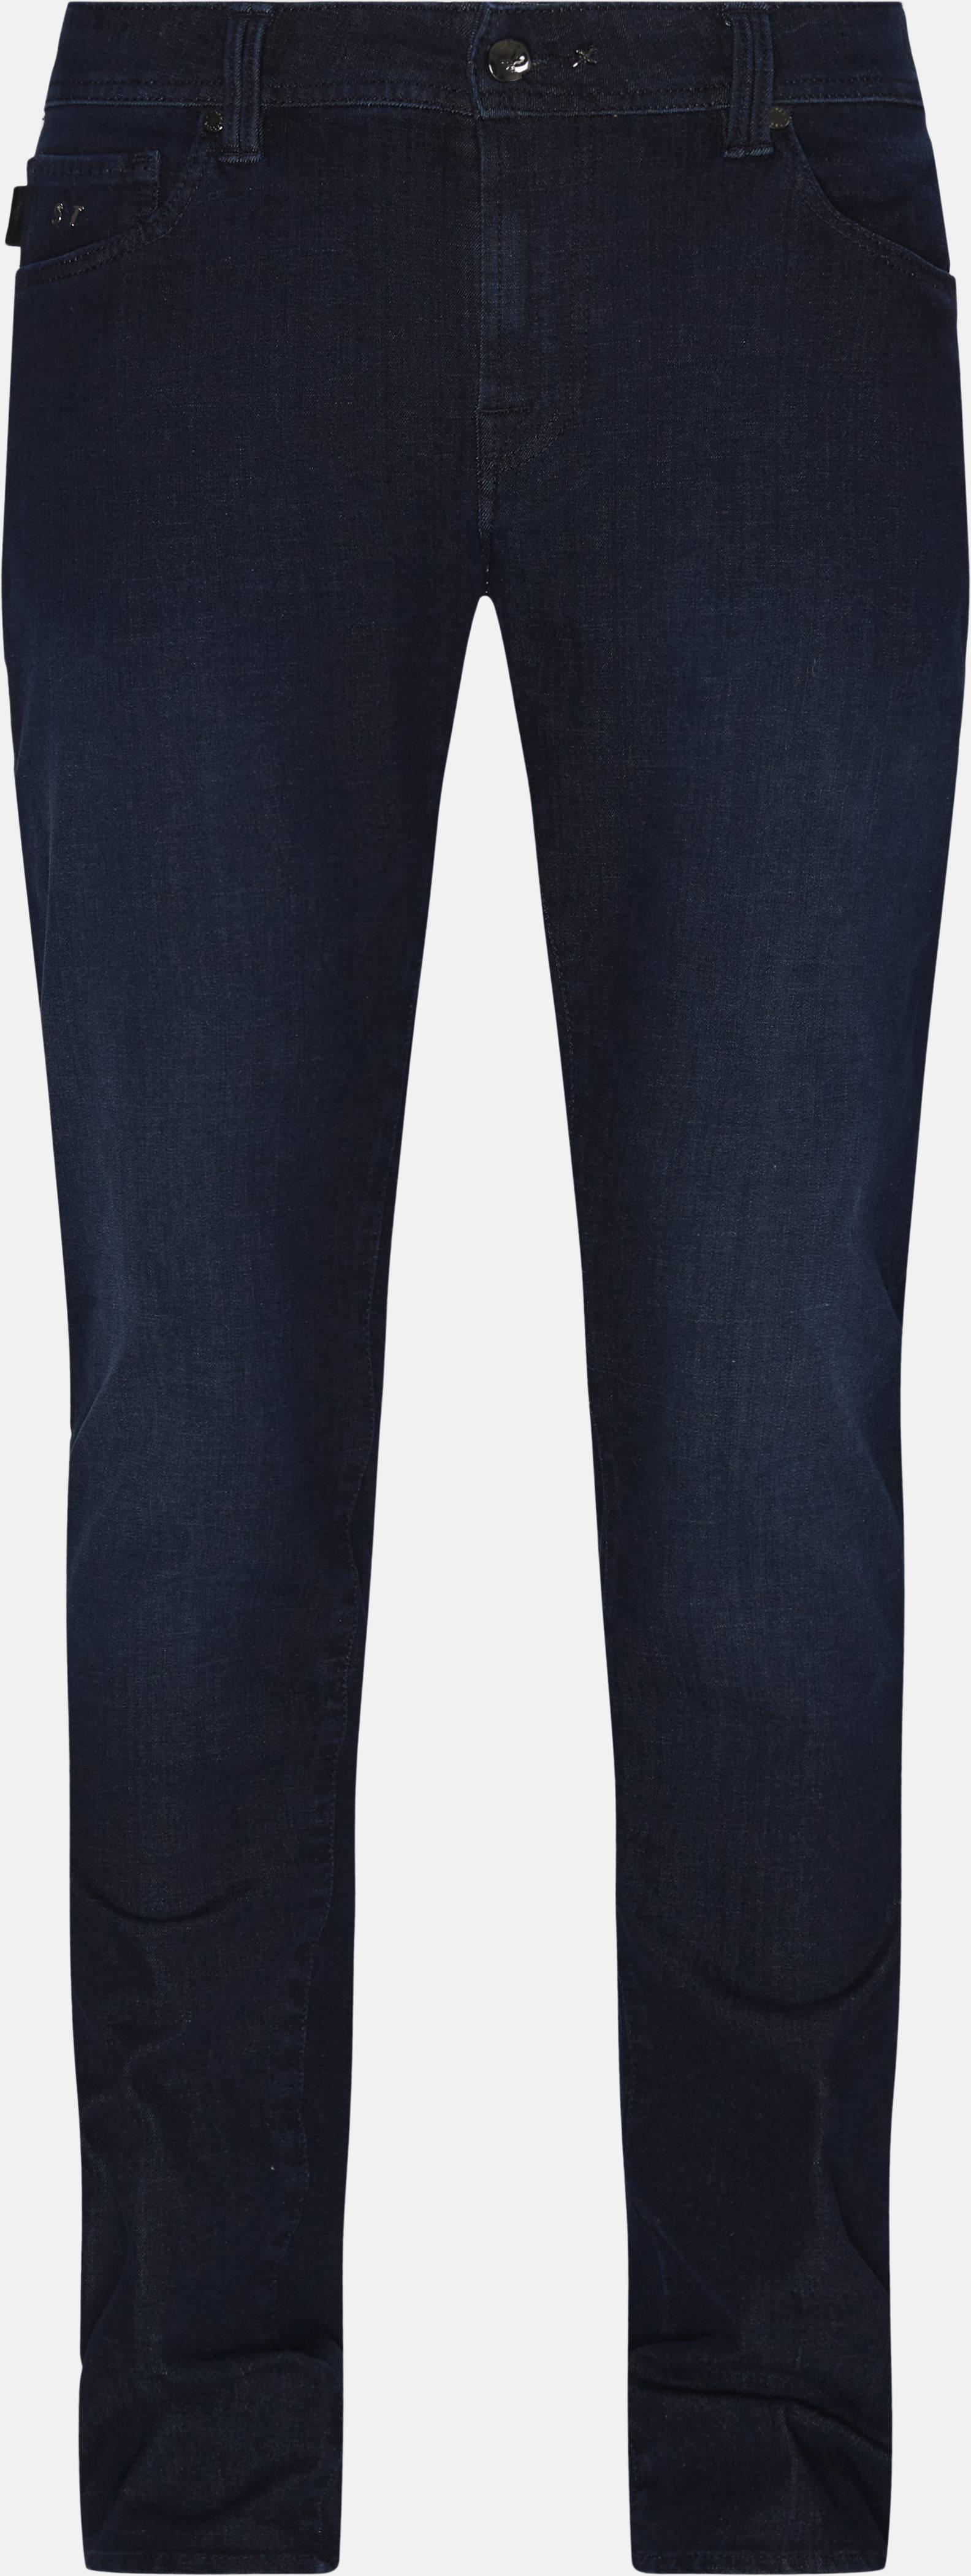 Leonardo Jeans - Jeans - Slim - Blå